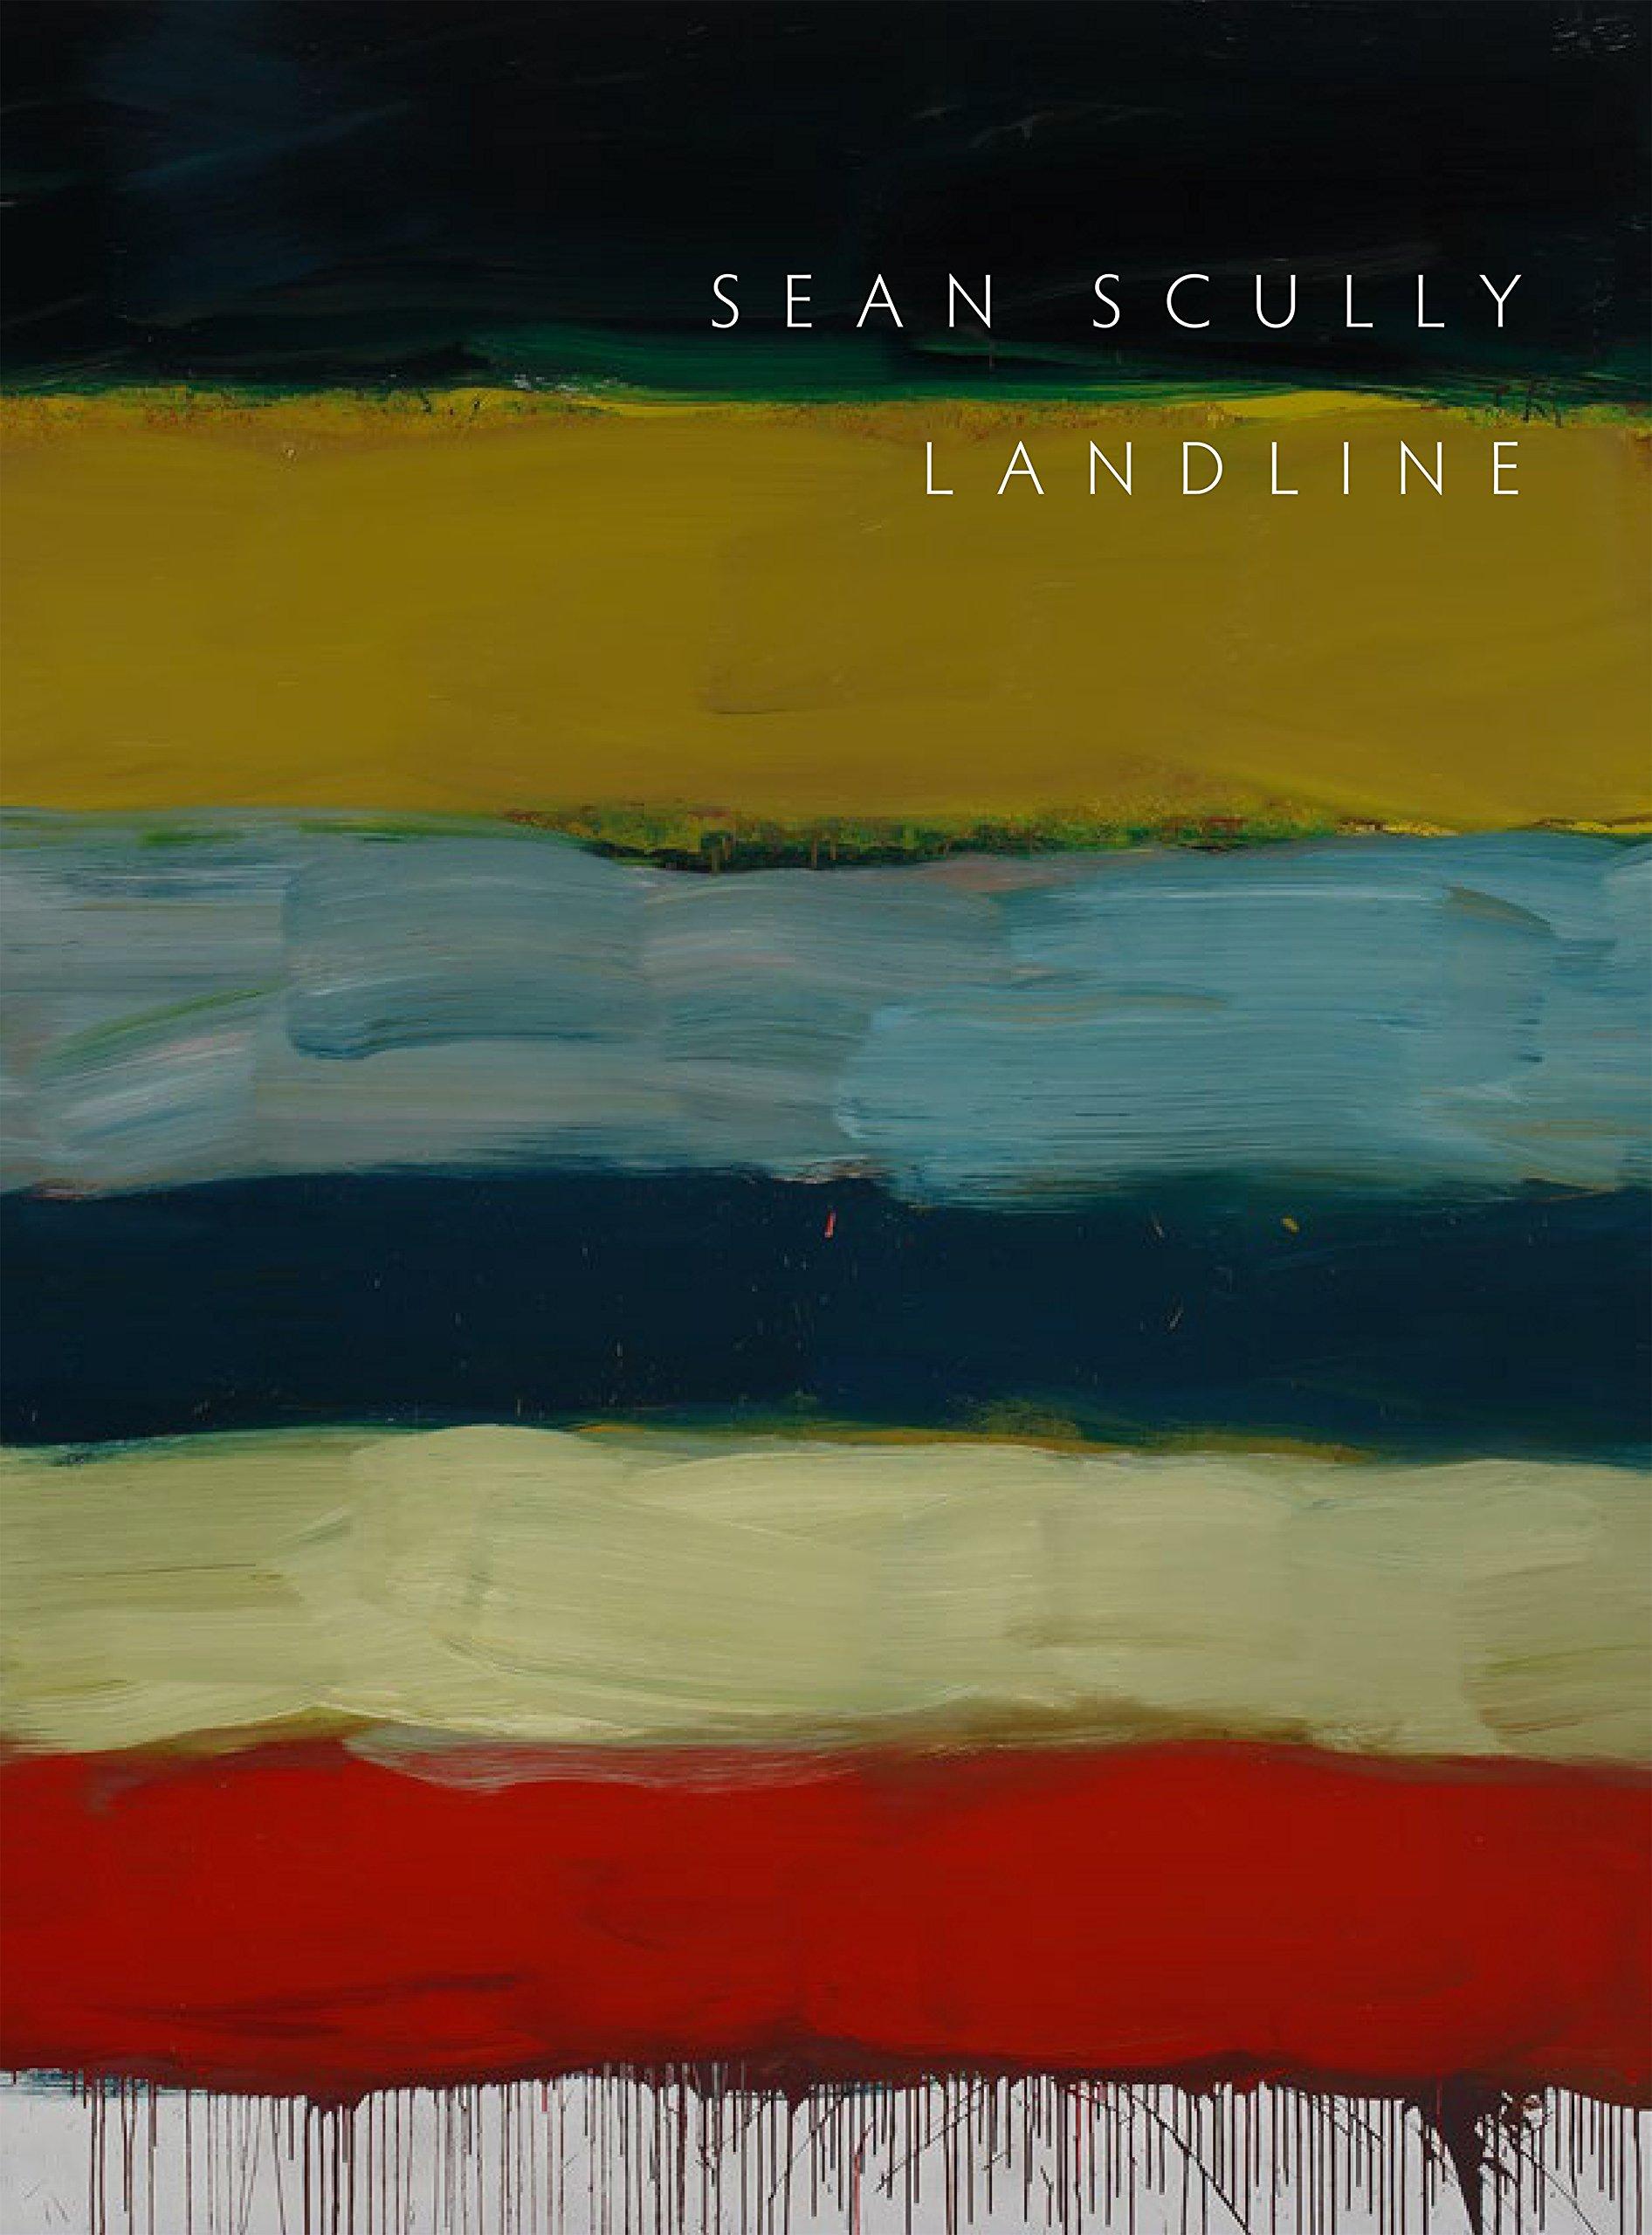 Sean Scully: Landline